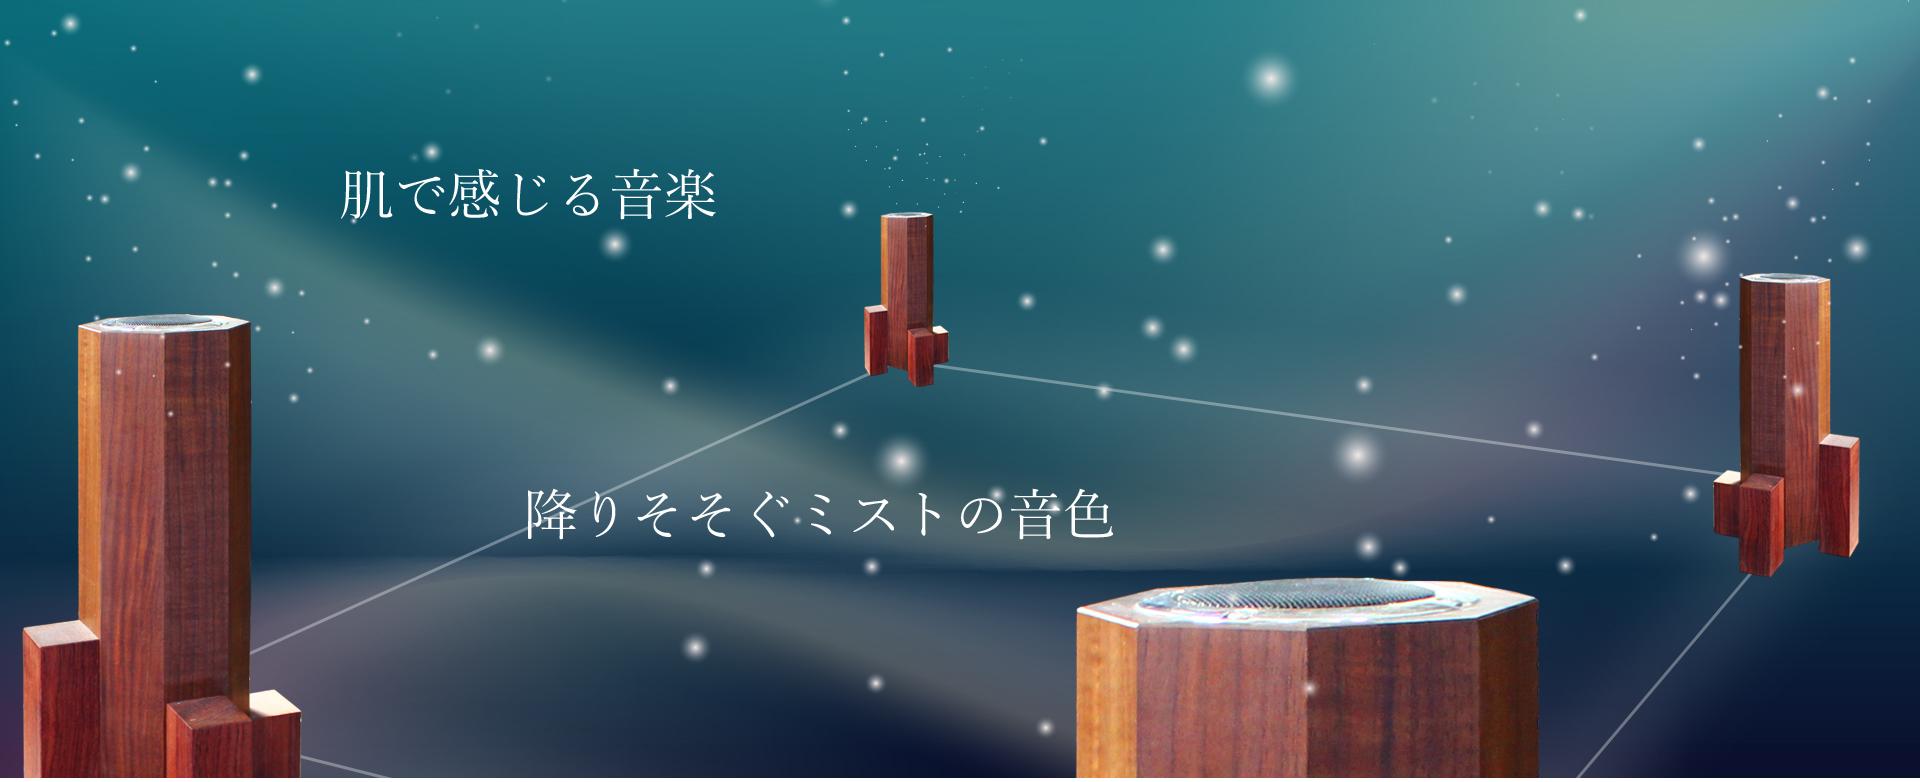 speaker_img